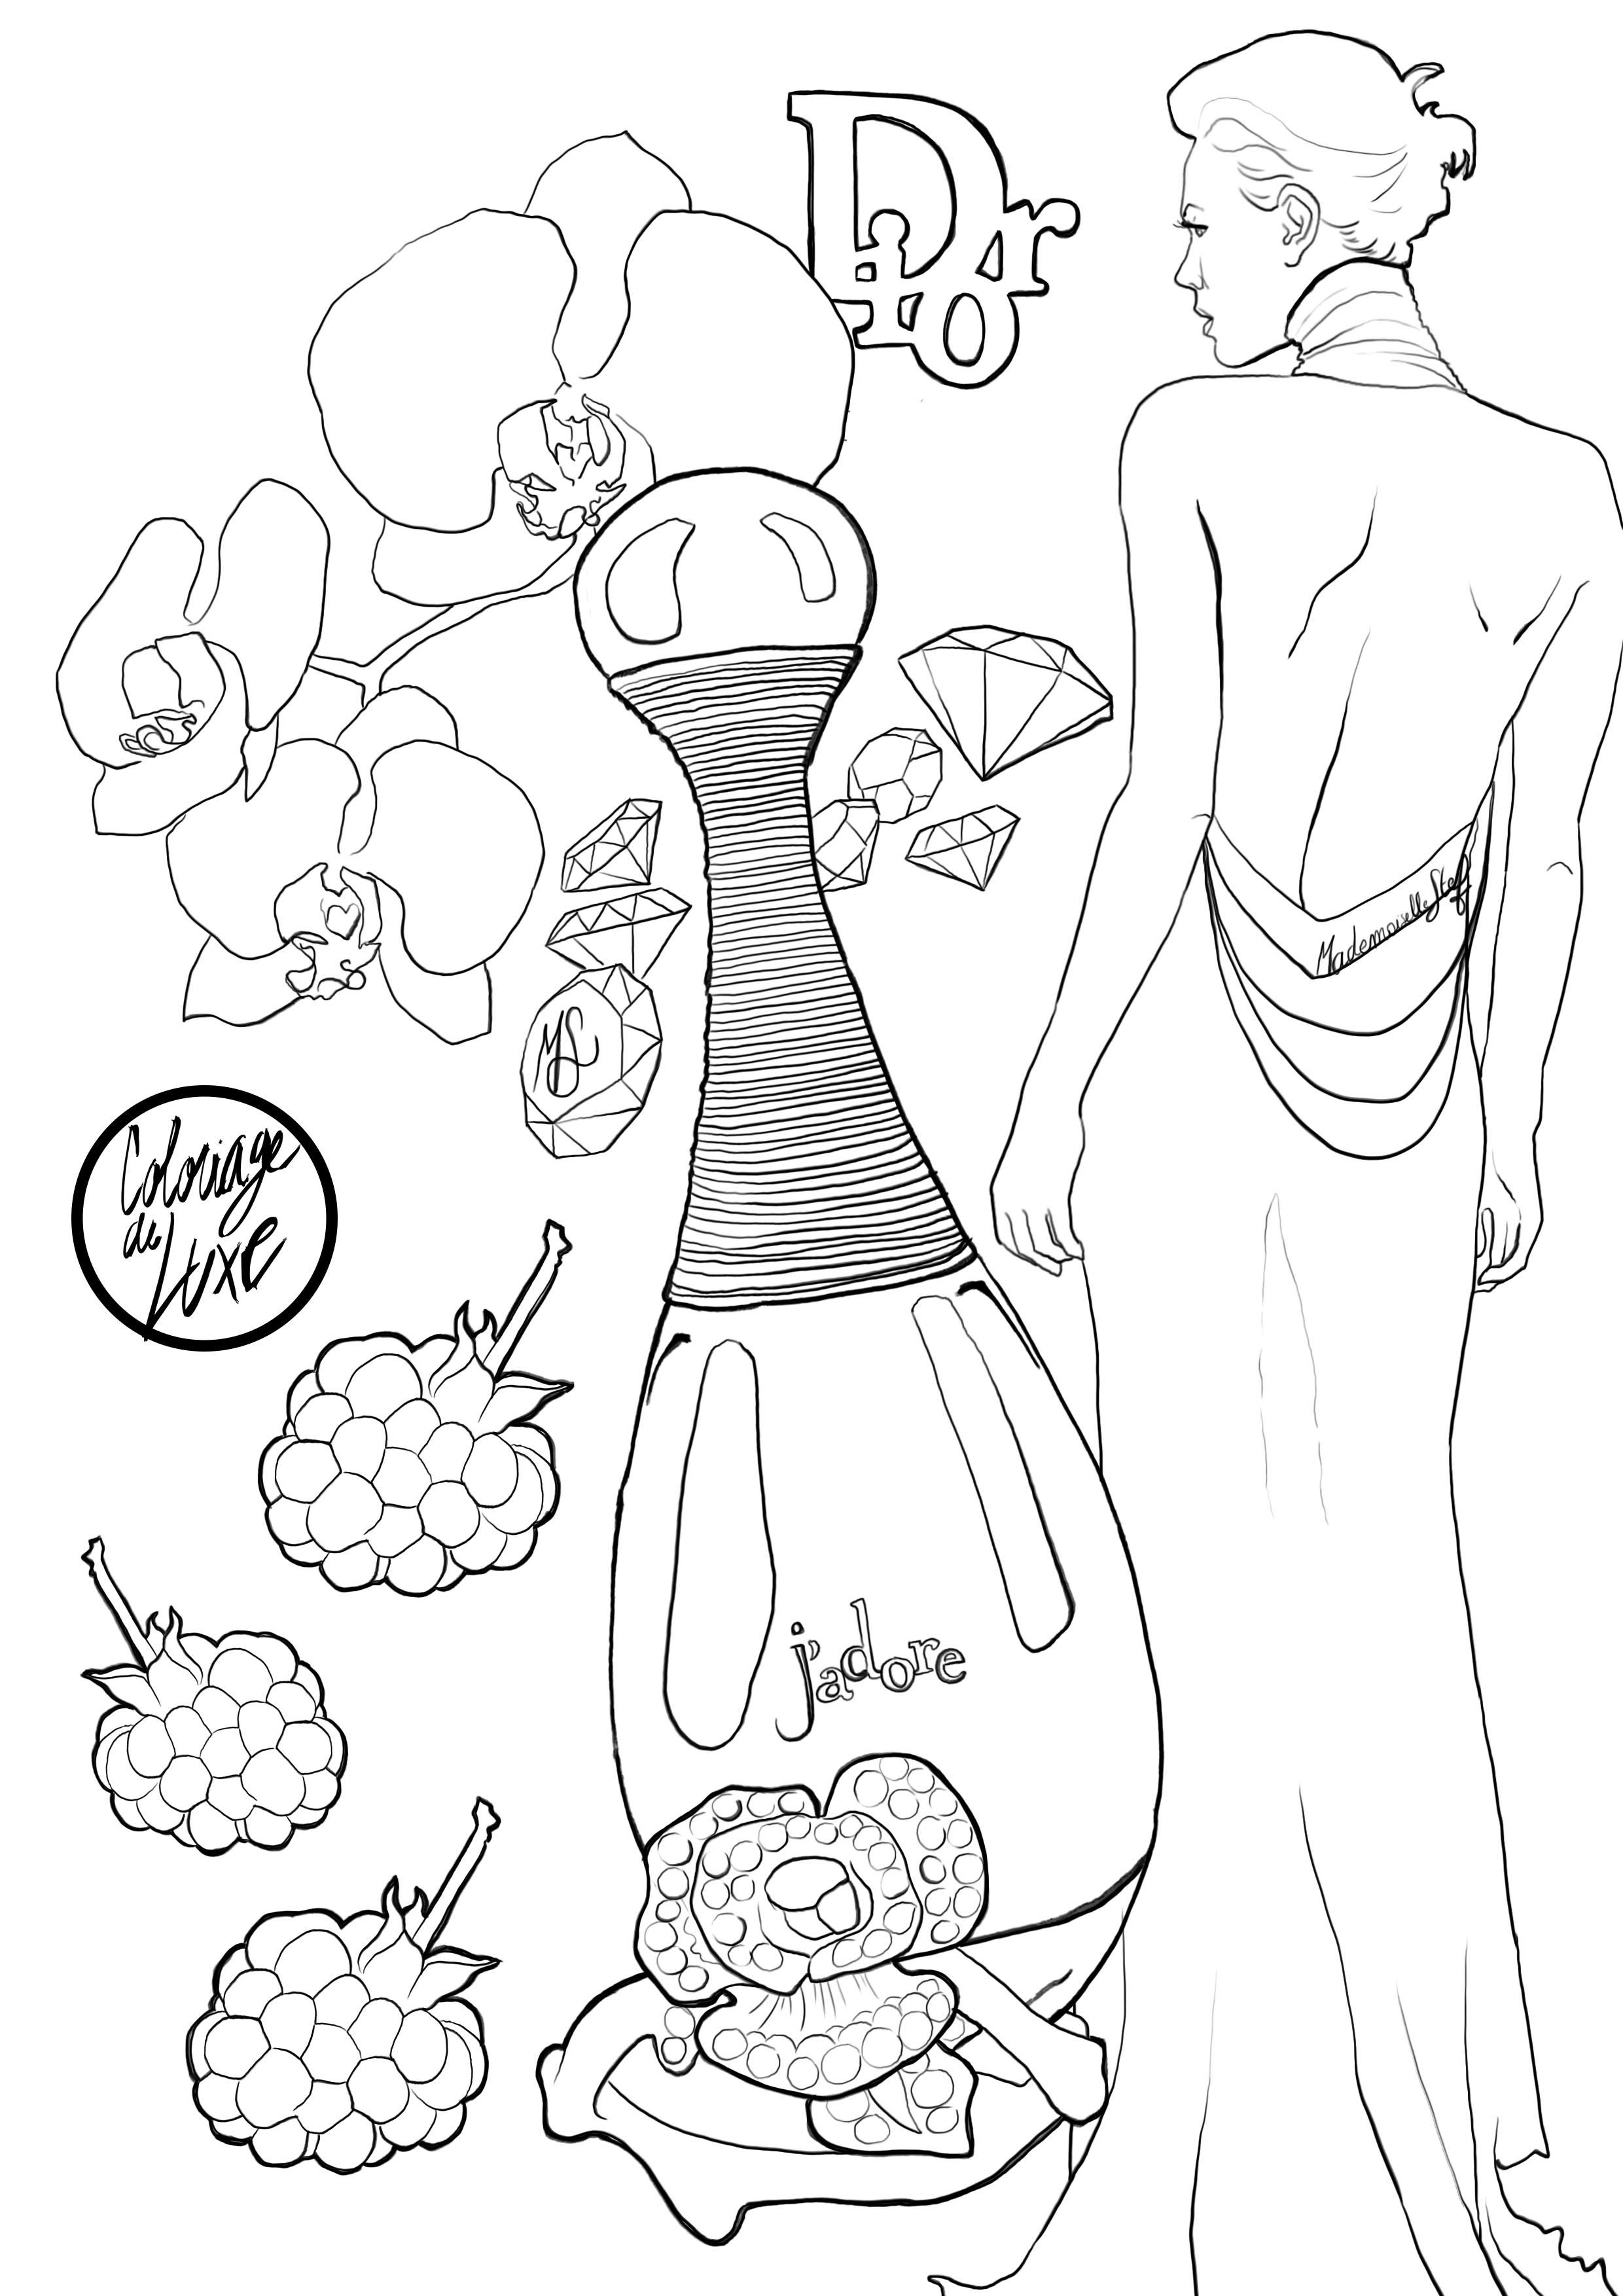 J'adore coloring #4, Download drawings